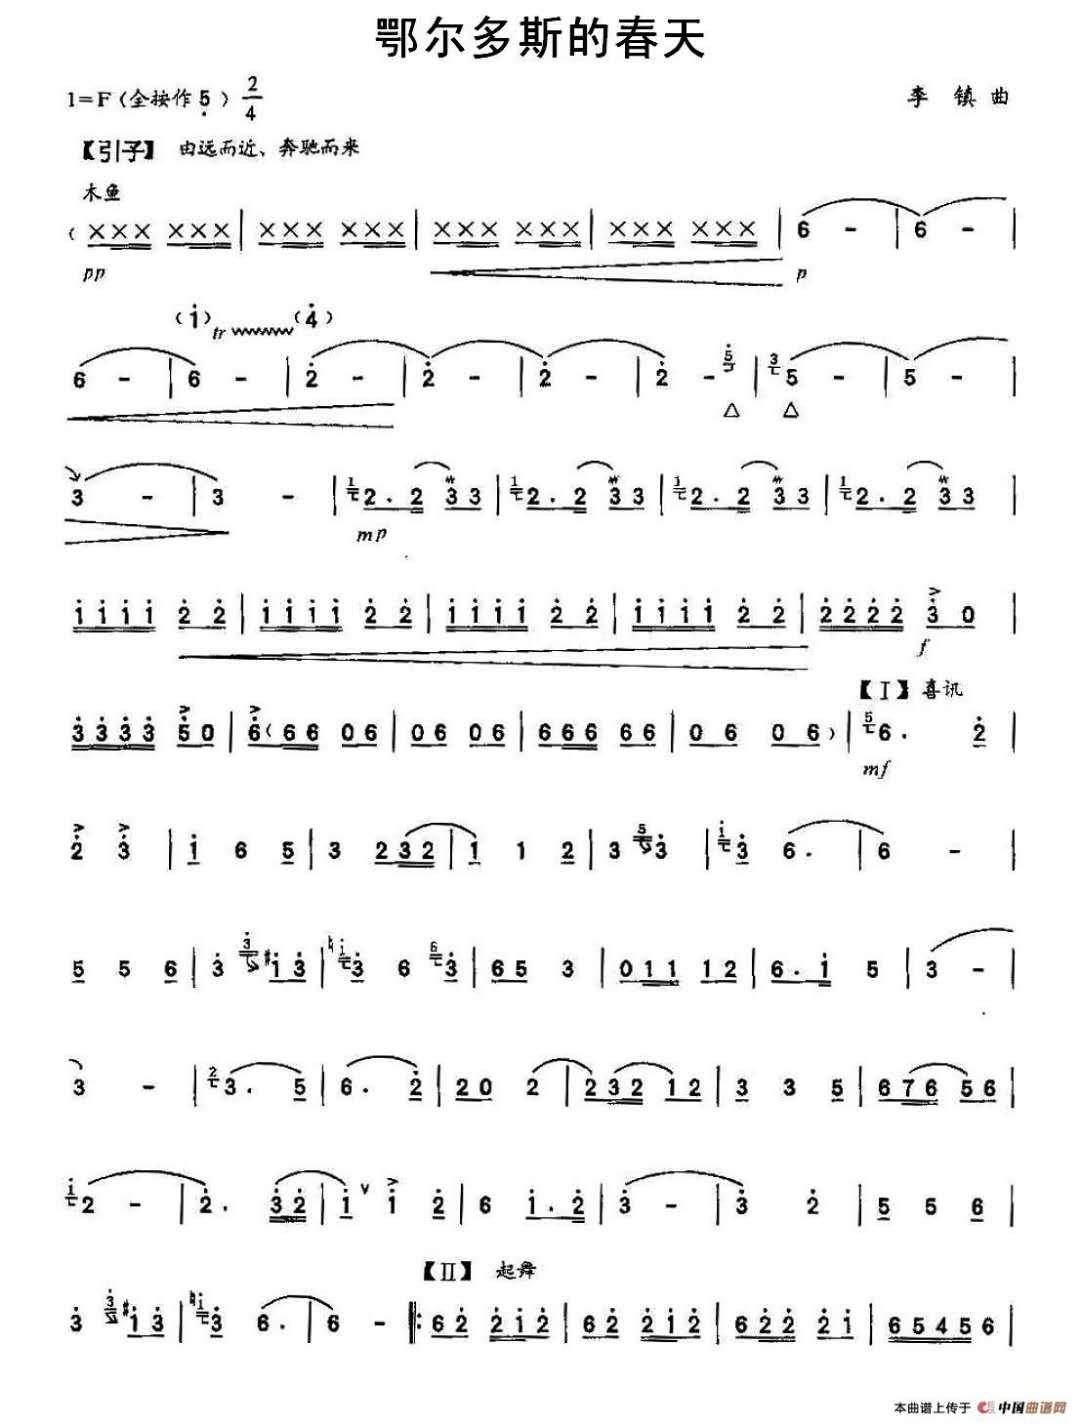 笛子曲|《鄂尔多斯的春天》刘焕笛子演奏  简谱参照